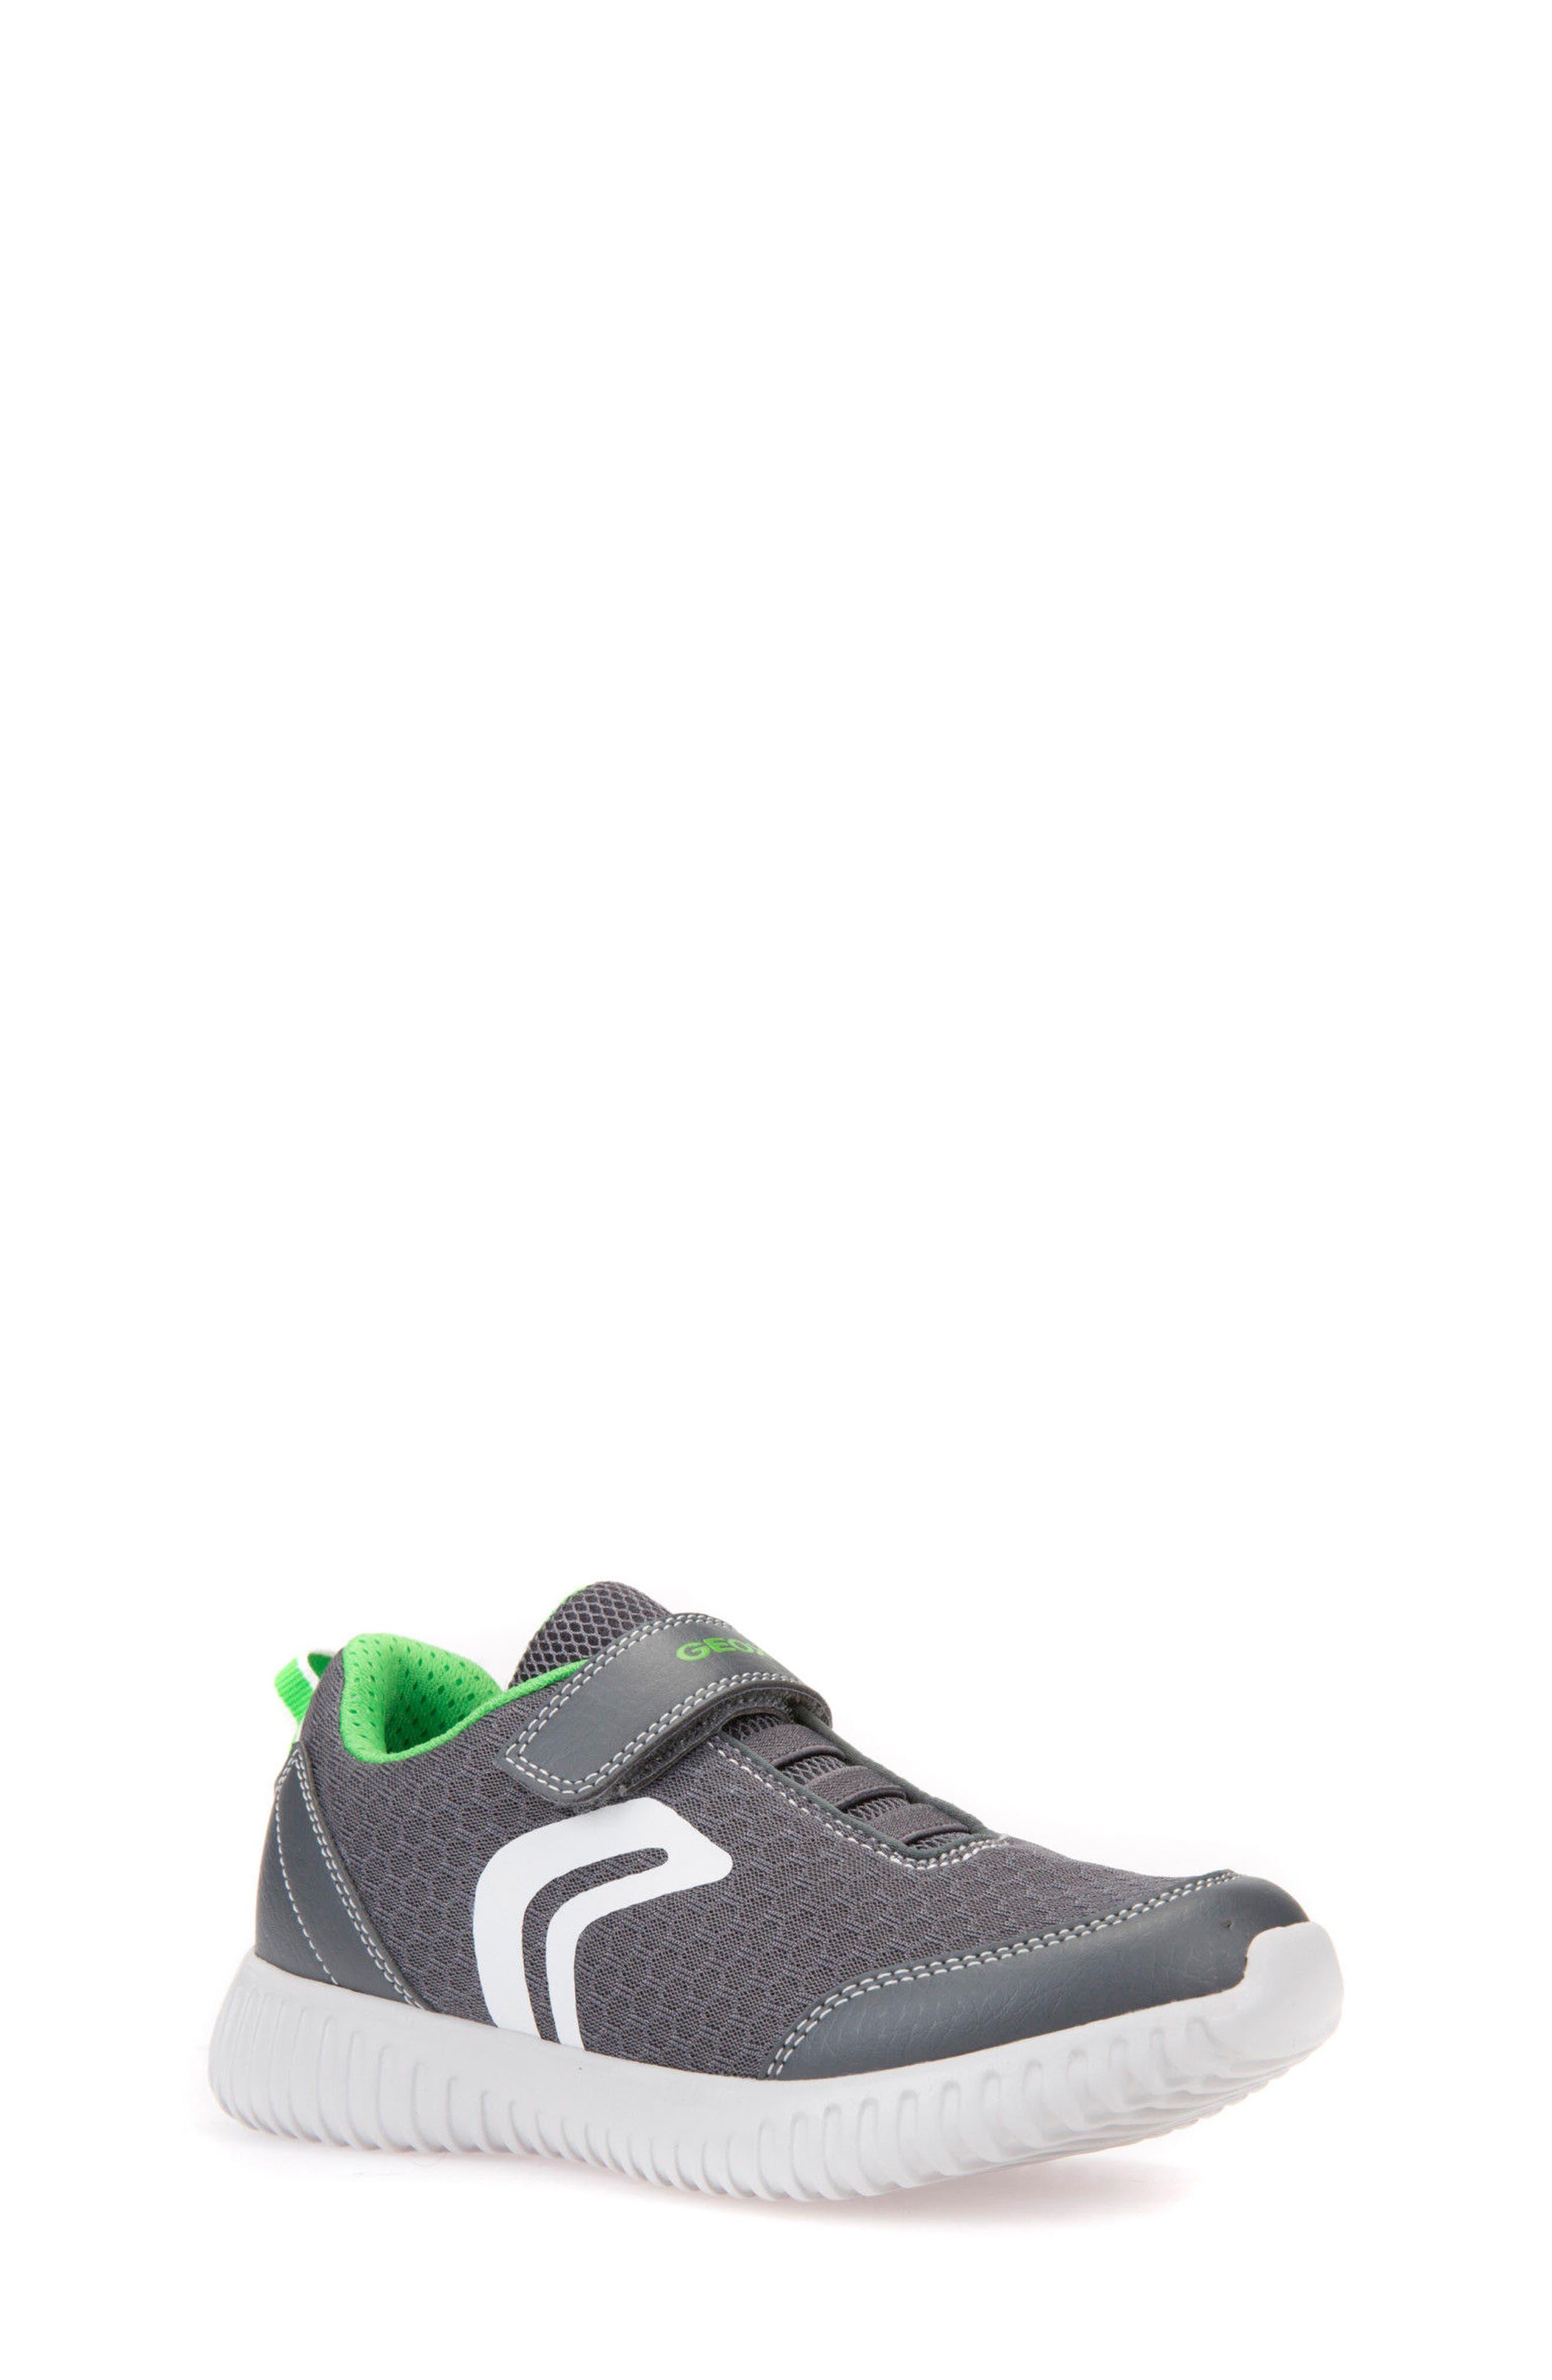 Alternate Image 1 Selected - Geox Waviness Sneaker (Toddler, Little Kid & Big Kid)